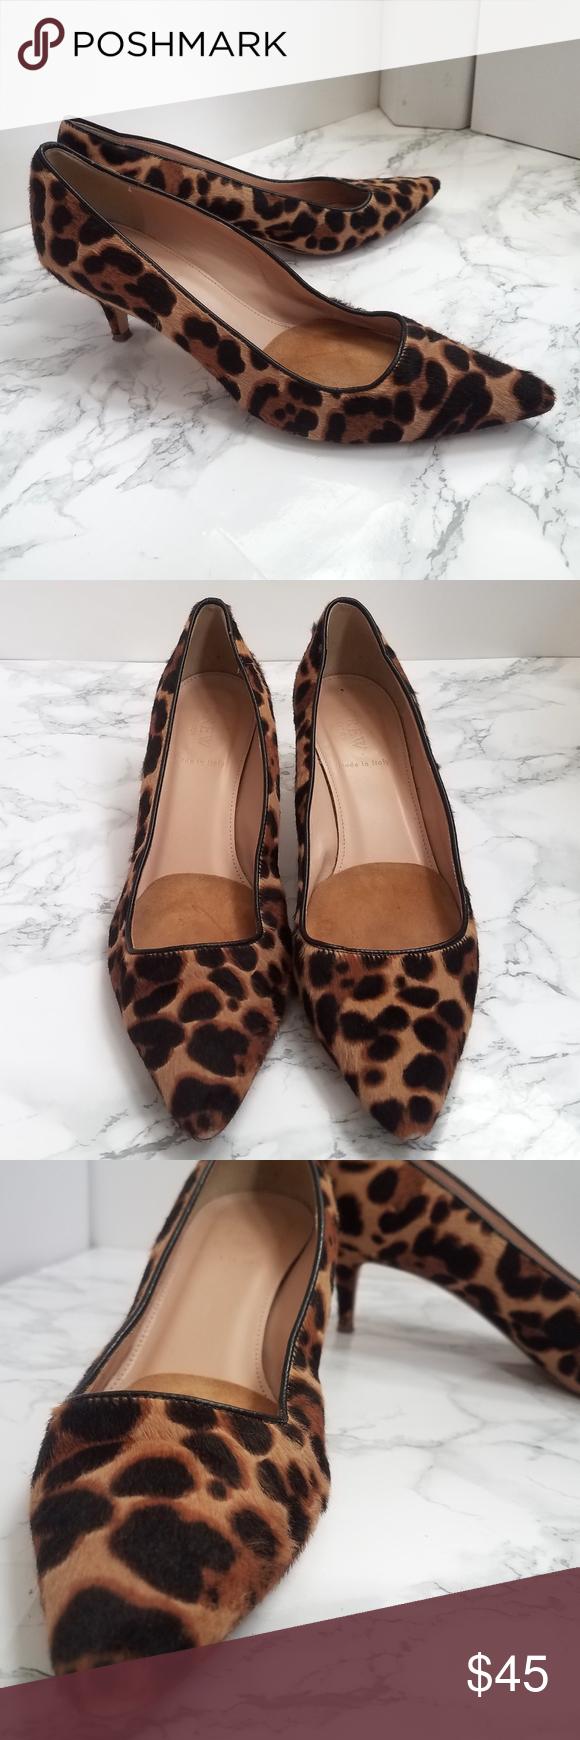 J Crew Leopard Kitten Heels Kitten Heels Heels Shoes Women Heels